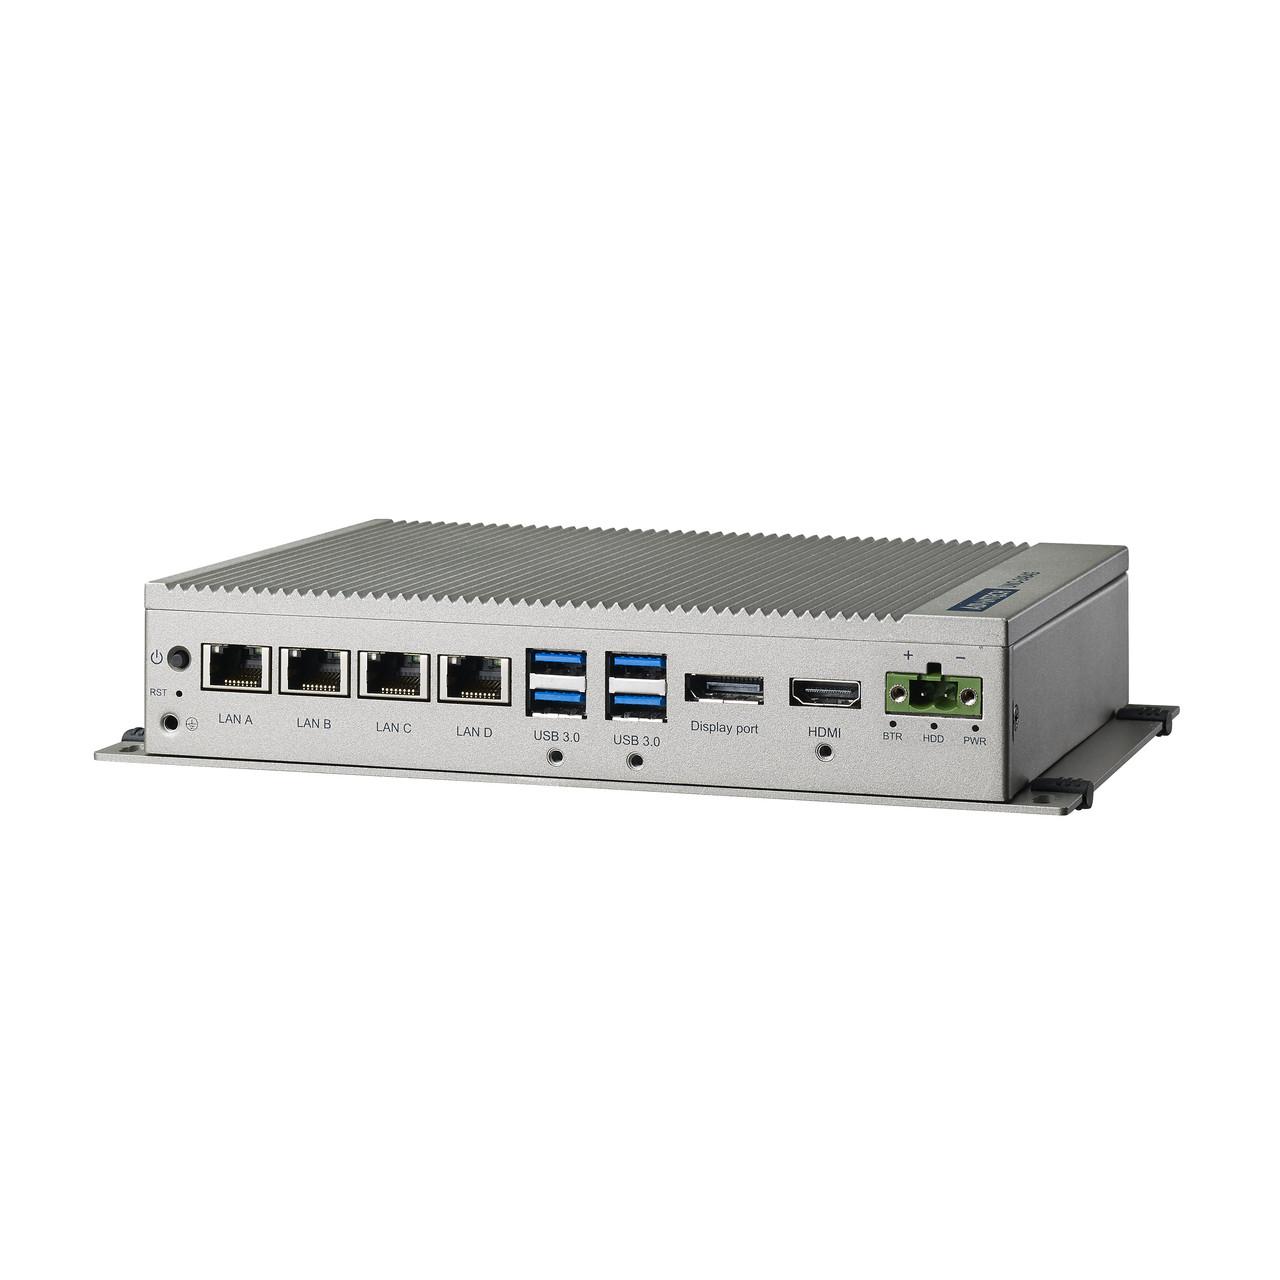 Промышленный компьютер Intel Core i3-6100U 2.3ГГц, 8ГБ DDR4, HDMI, DP, 4x LAN, 4x COM, 4x USB3.0, 1 x mPCIe